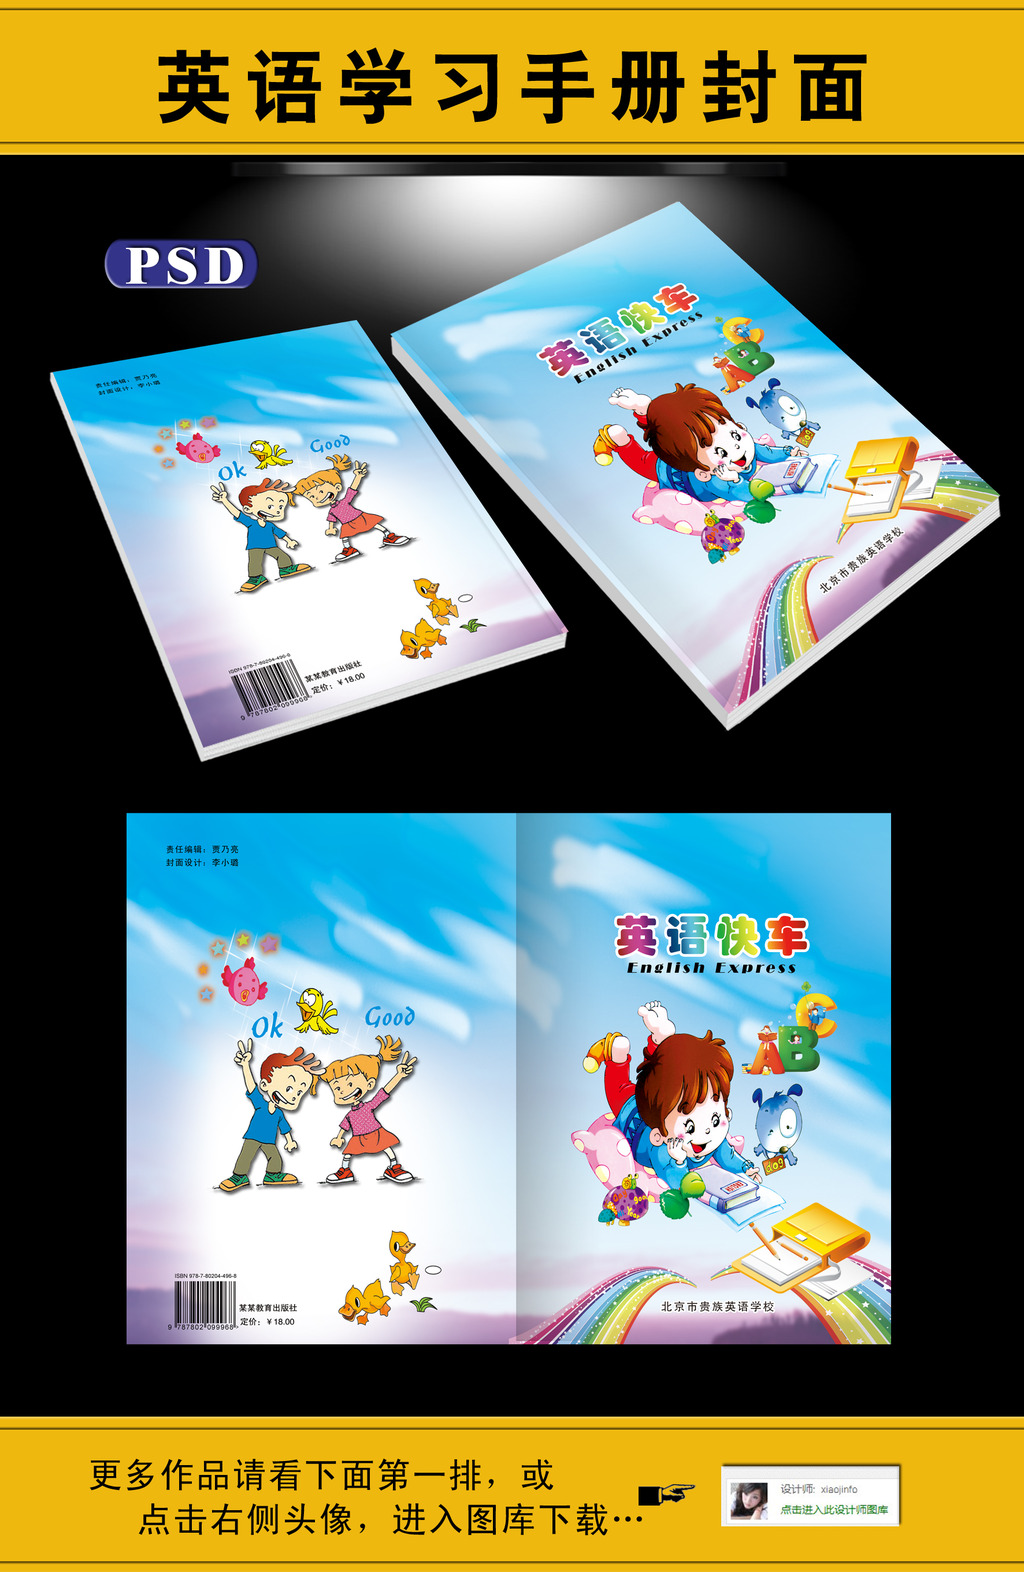 儿童模板素材 儿童节 儿童卡通